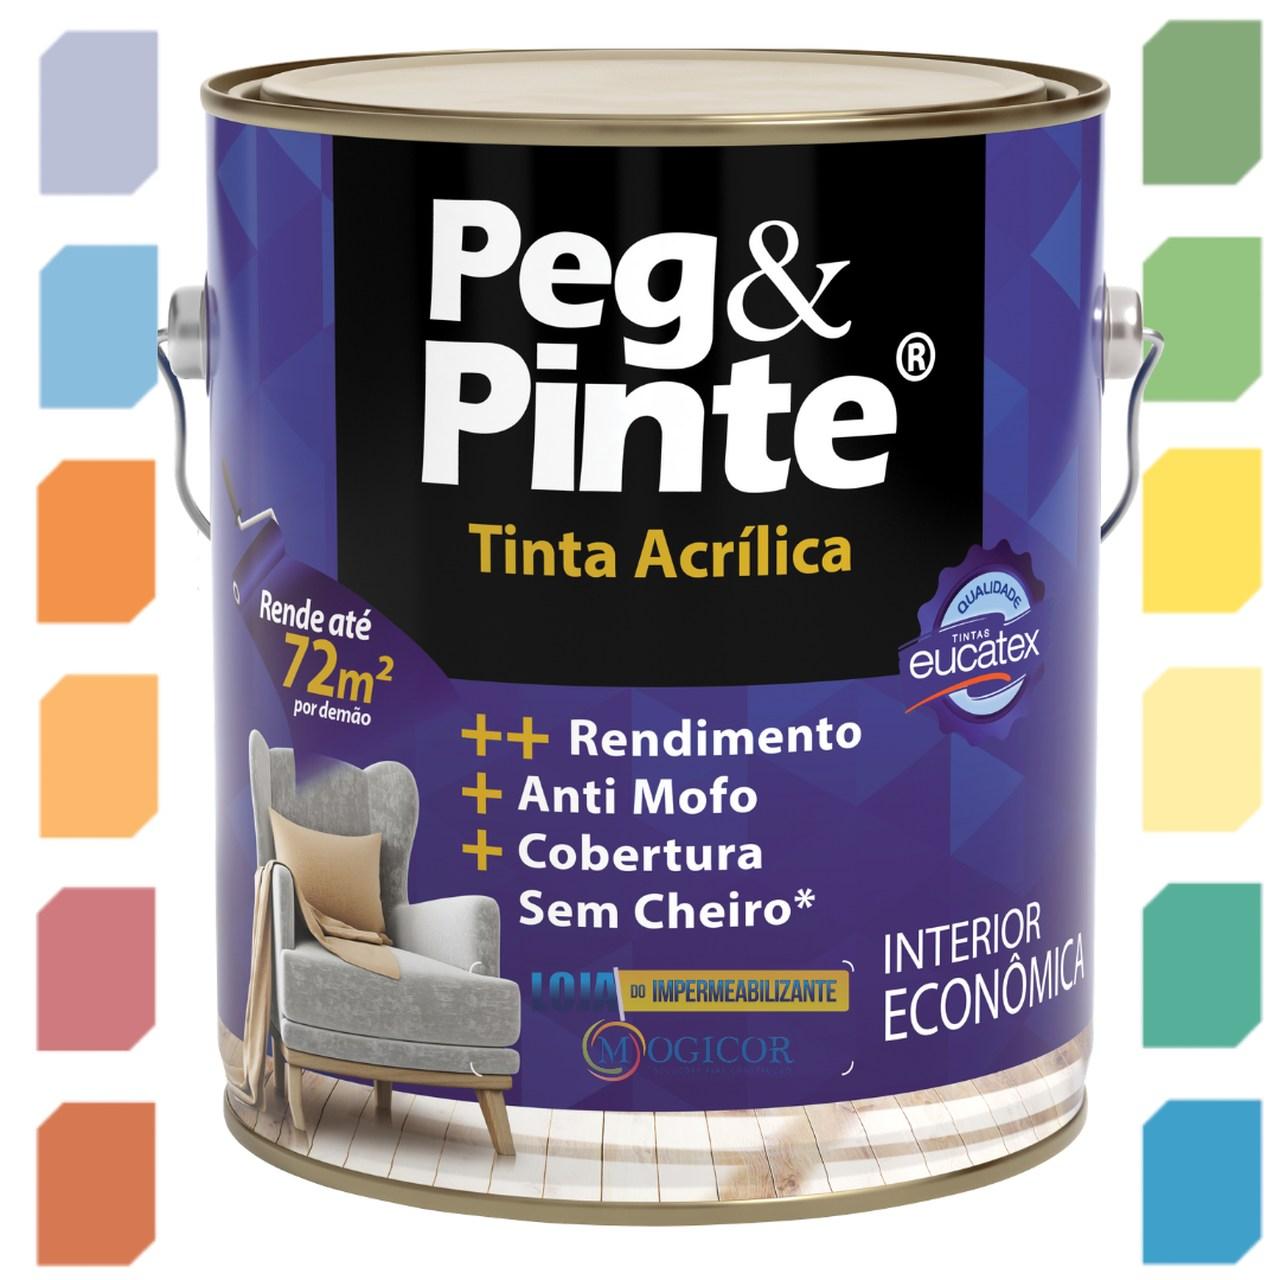 TINTA ACRÍLICA PEG & PINTE 3,6l EUCATEX